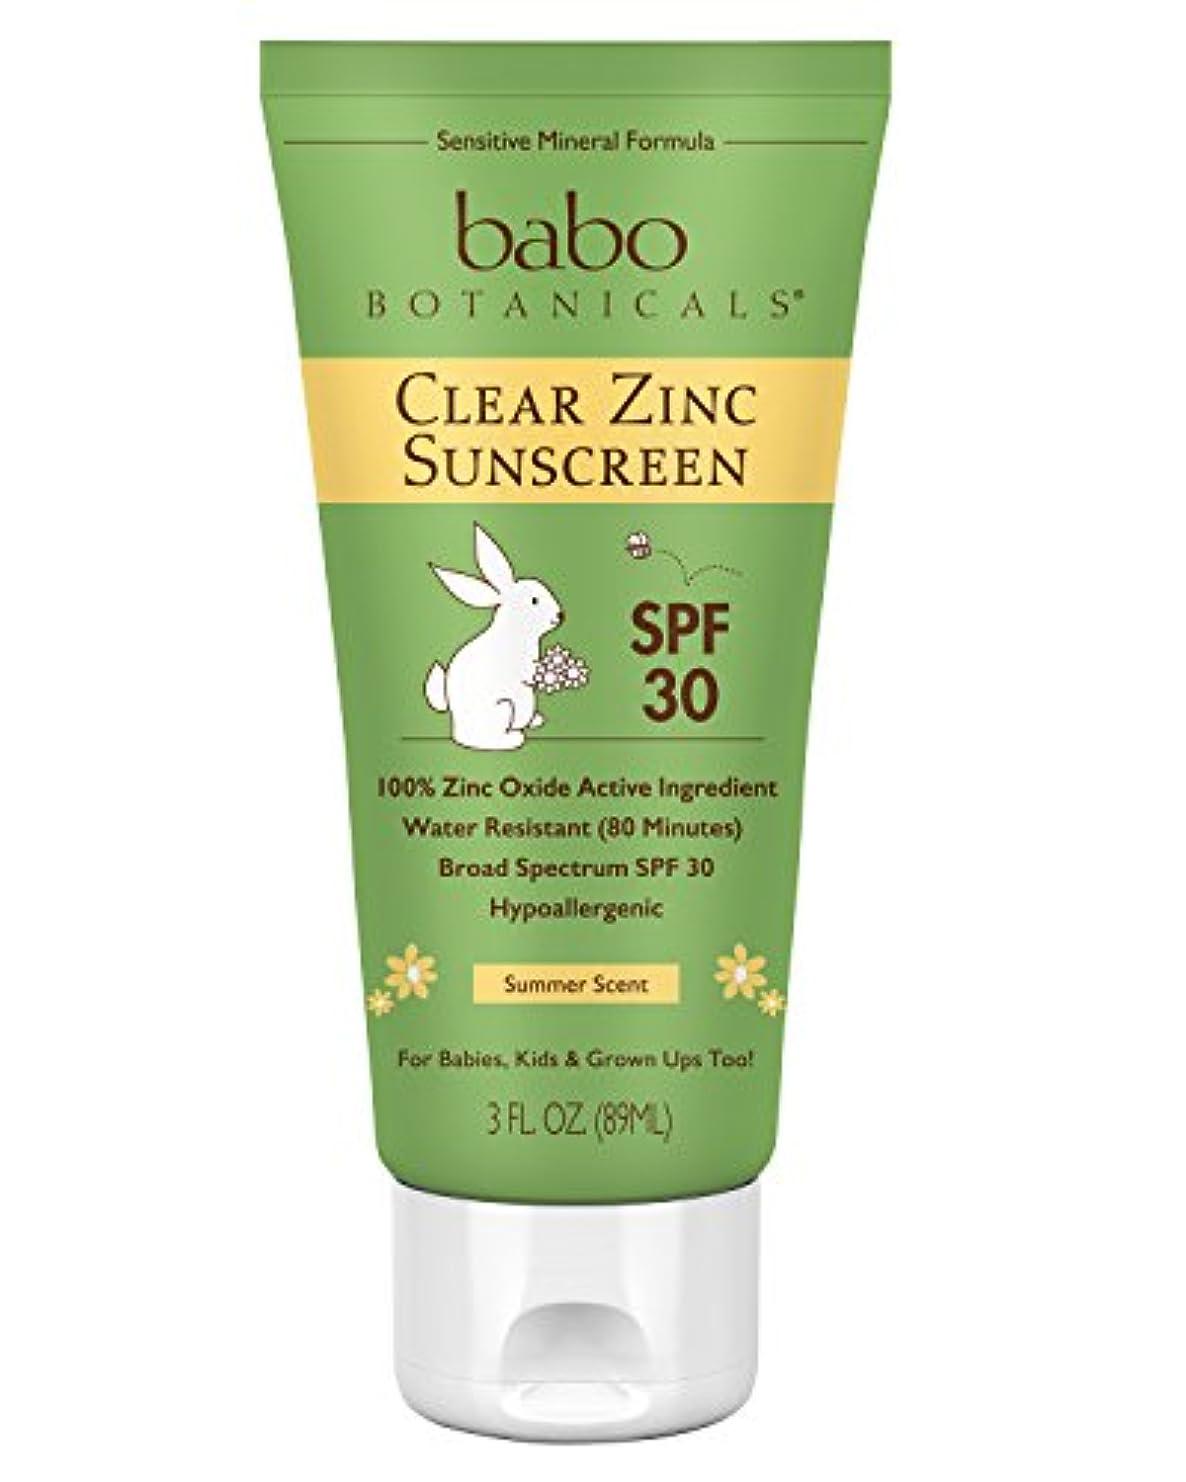 抵当ベスビオ山可塑性Babo Botanicals バボボタニカル SPF 30 クリア亜鉛ローション 85g (3オンス) ベストなナチュラルミネラルサンスクリーン ノンナノ 敏感